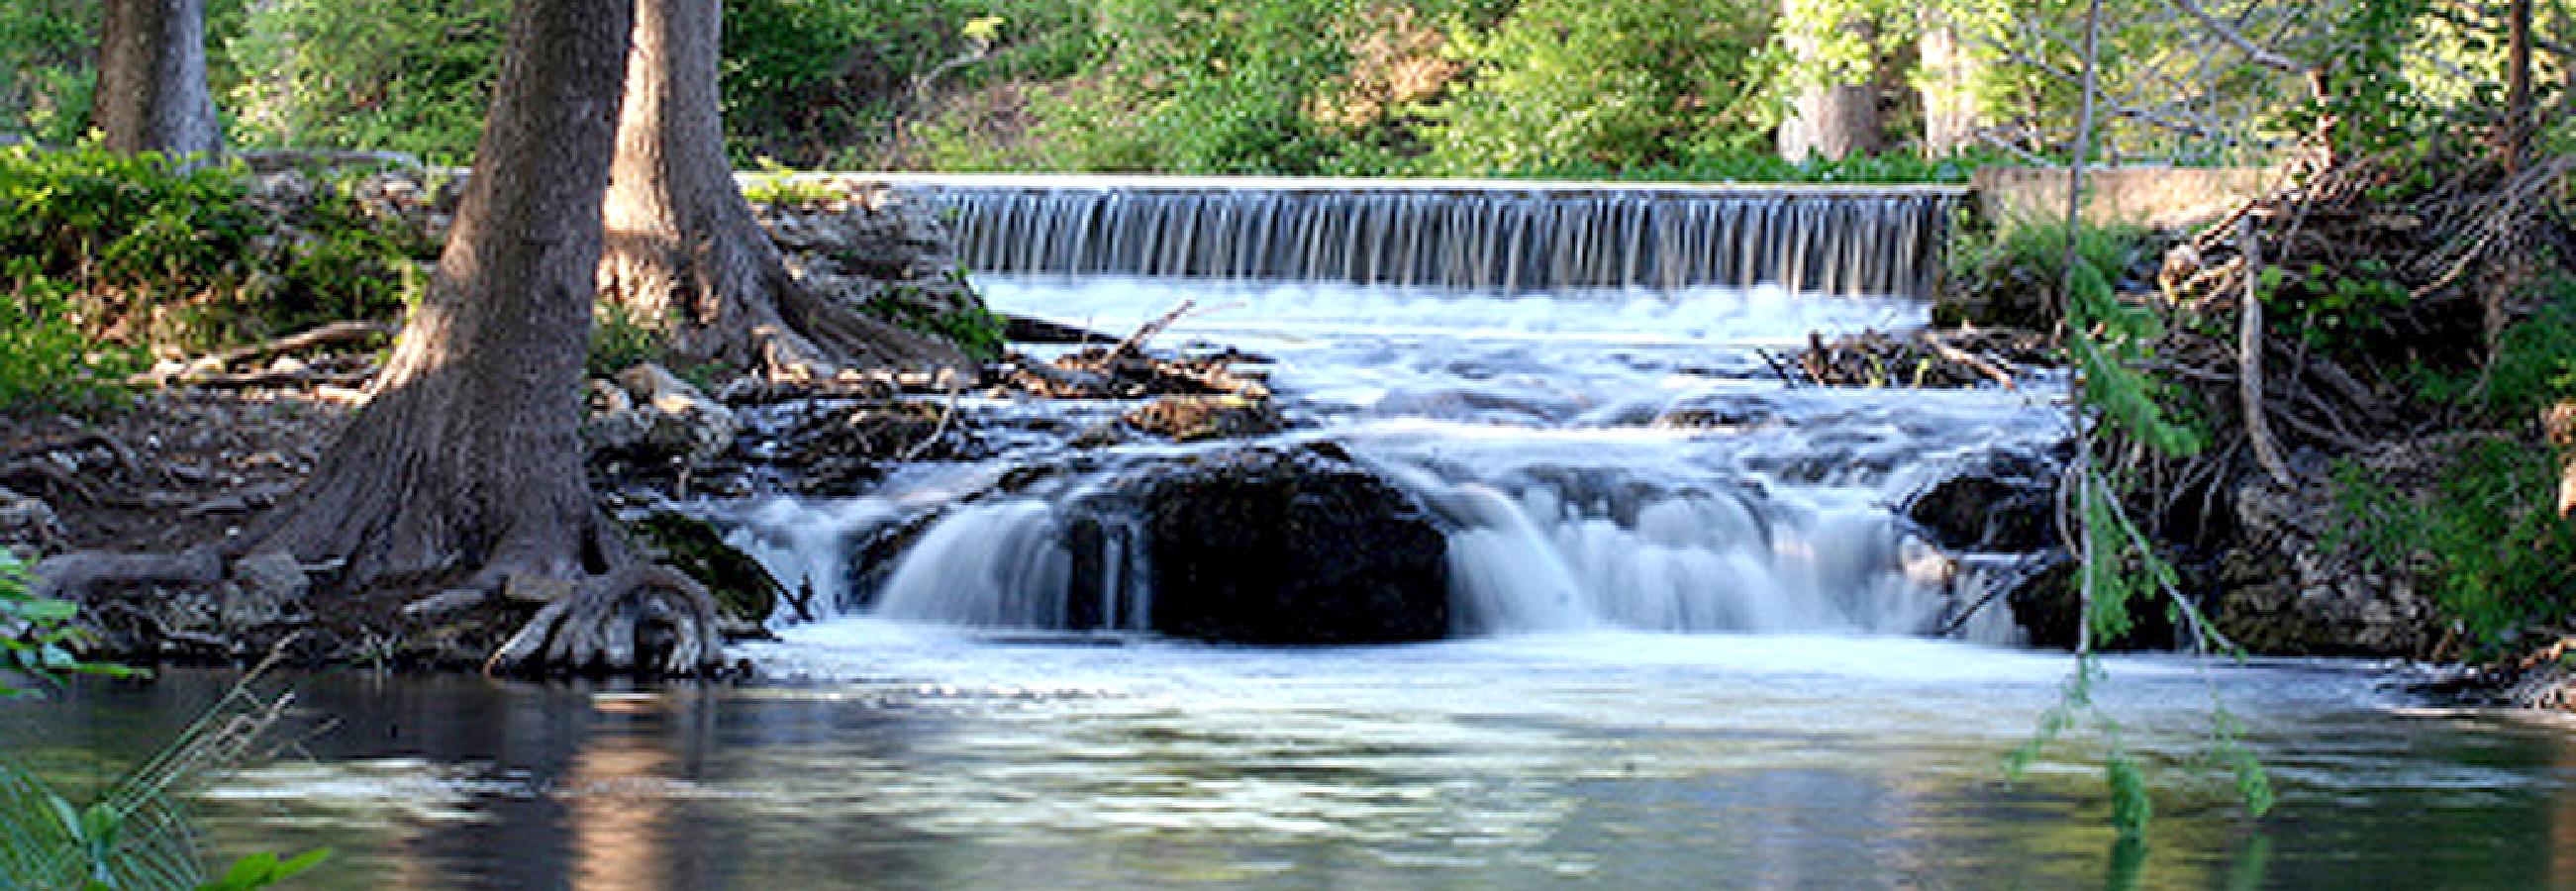 WKCC_web_waterfall.jpg